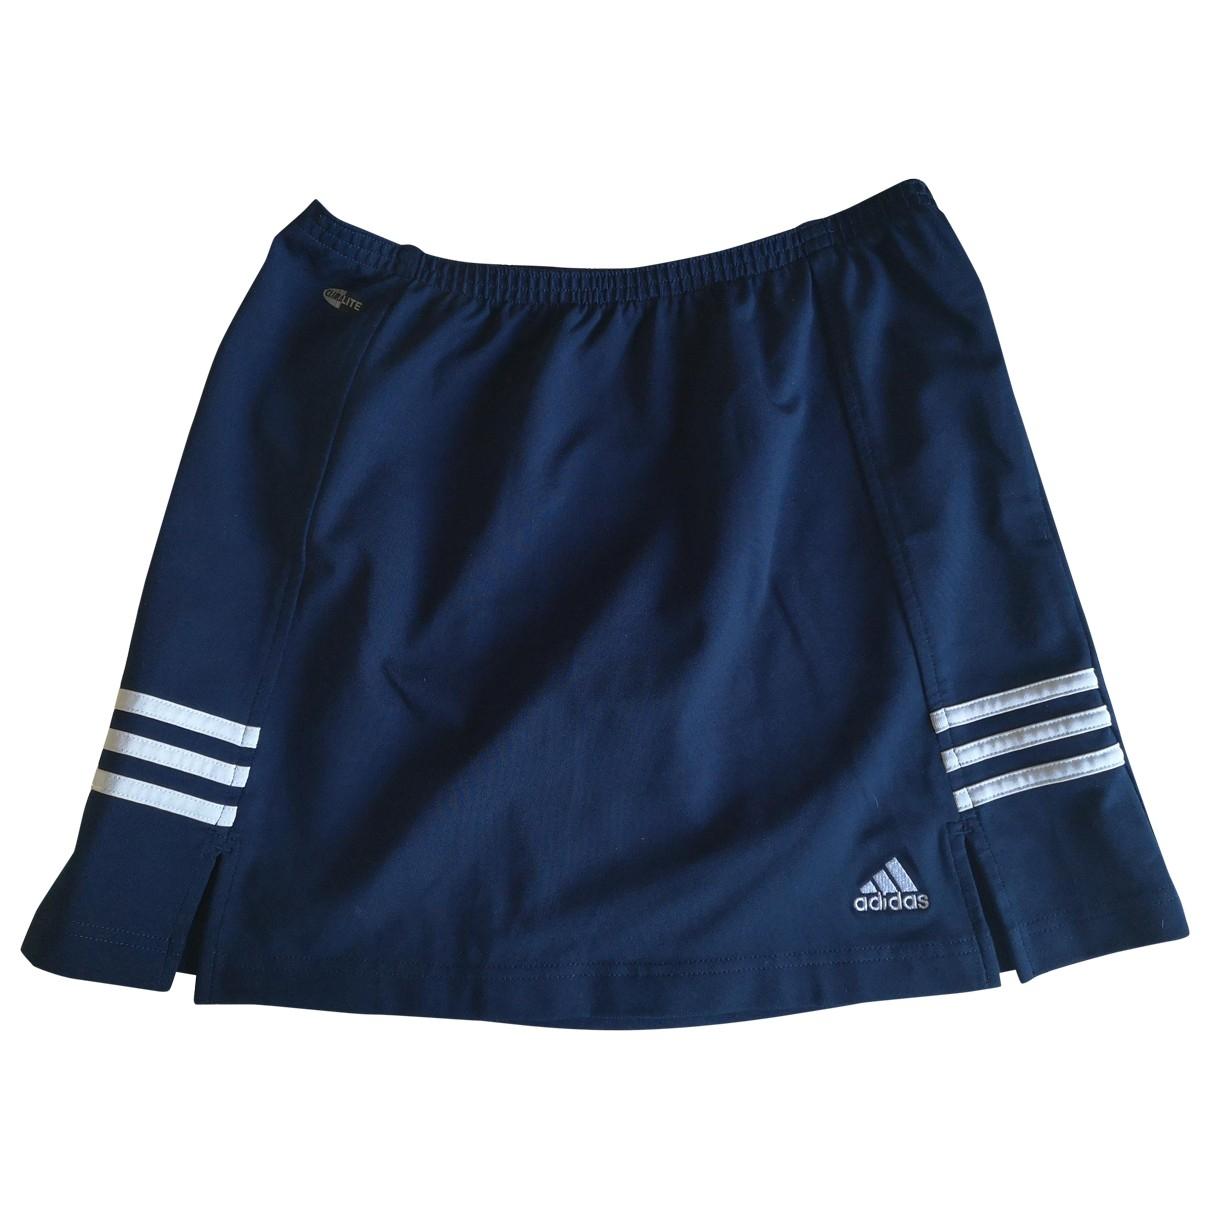 Adidas \N Blue skirt for Women 14-16 US